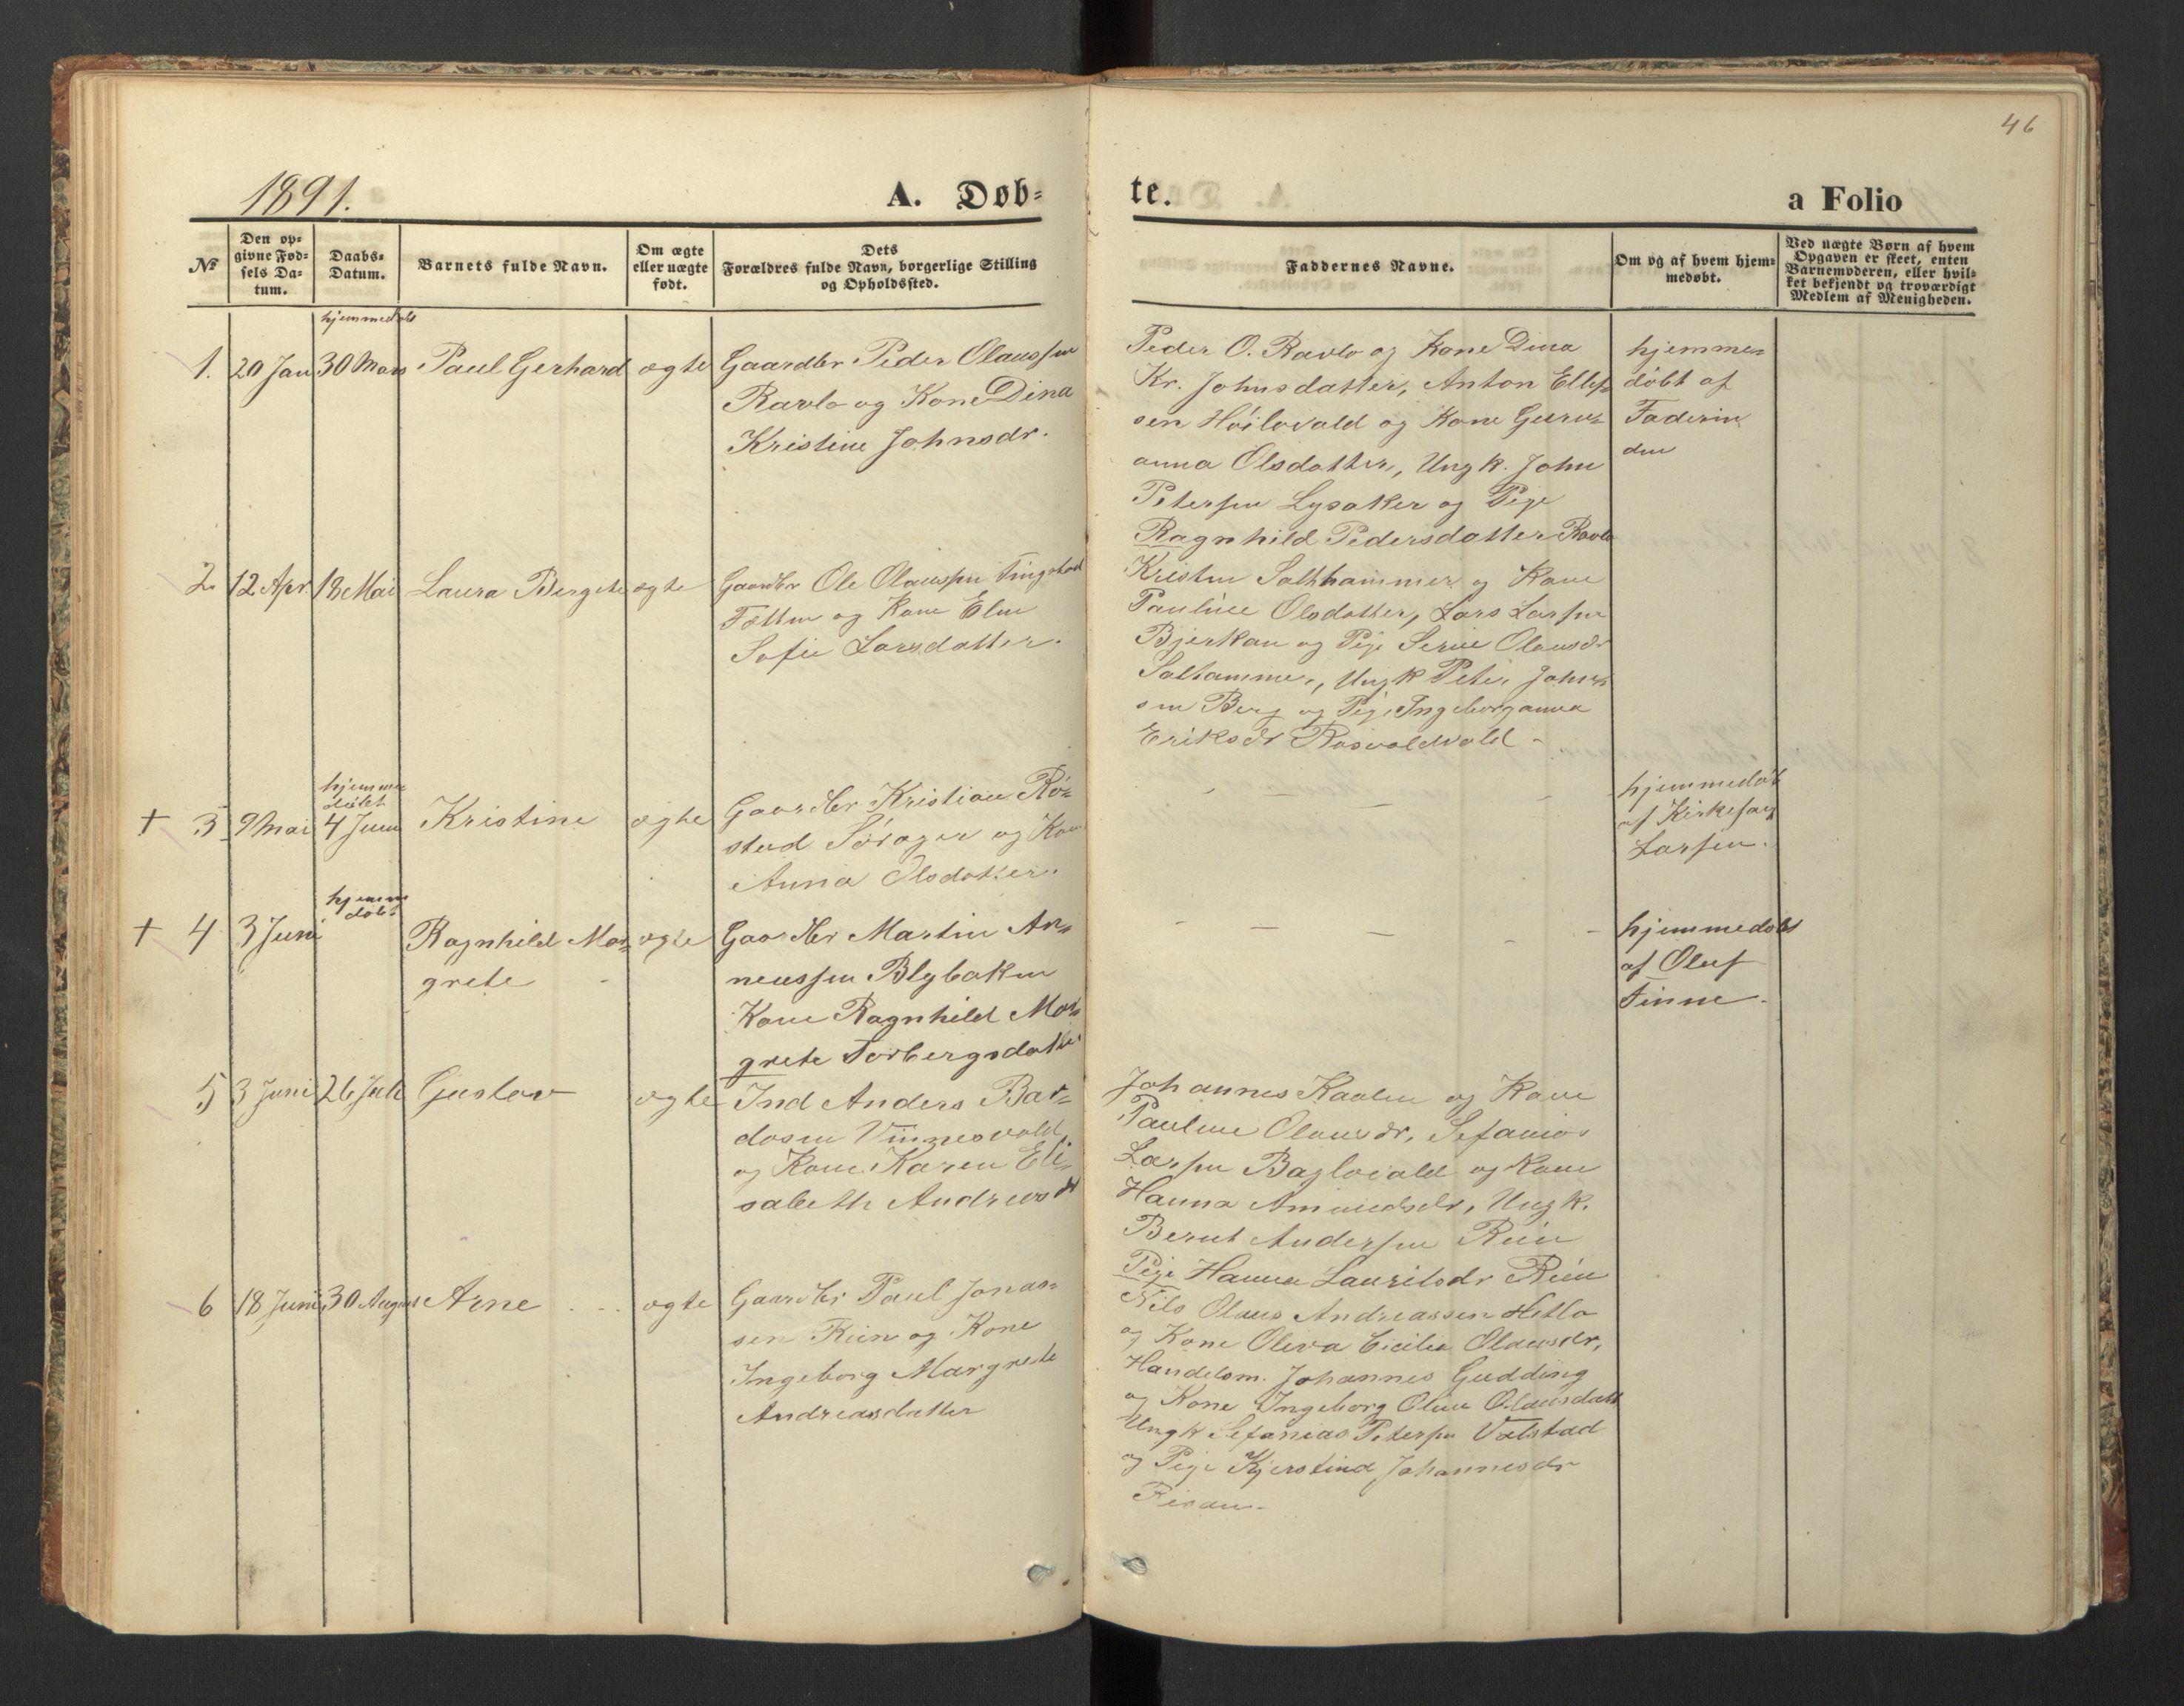 SAT, Ministerialprotokoller, klokkerbøker og fødselsregistre - Nord-Trøndelag, 726/L0271: Klokkerbok nr. 726C02, 1869-1897, s. 46